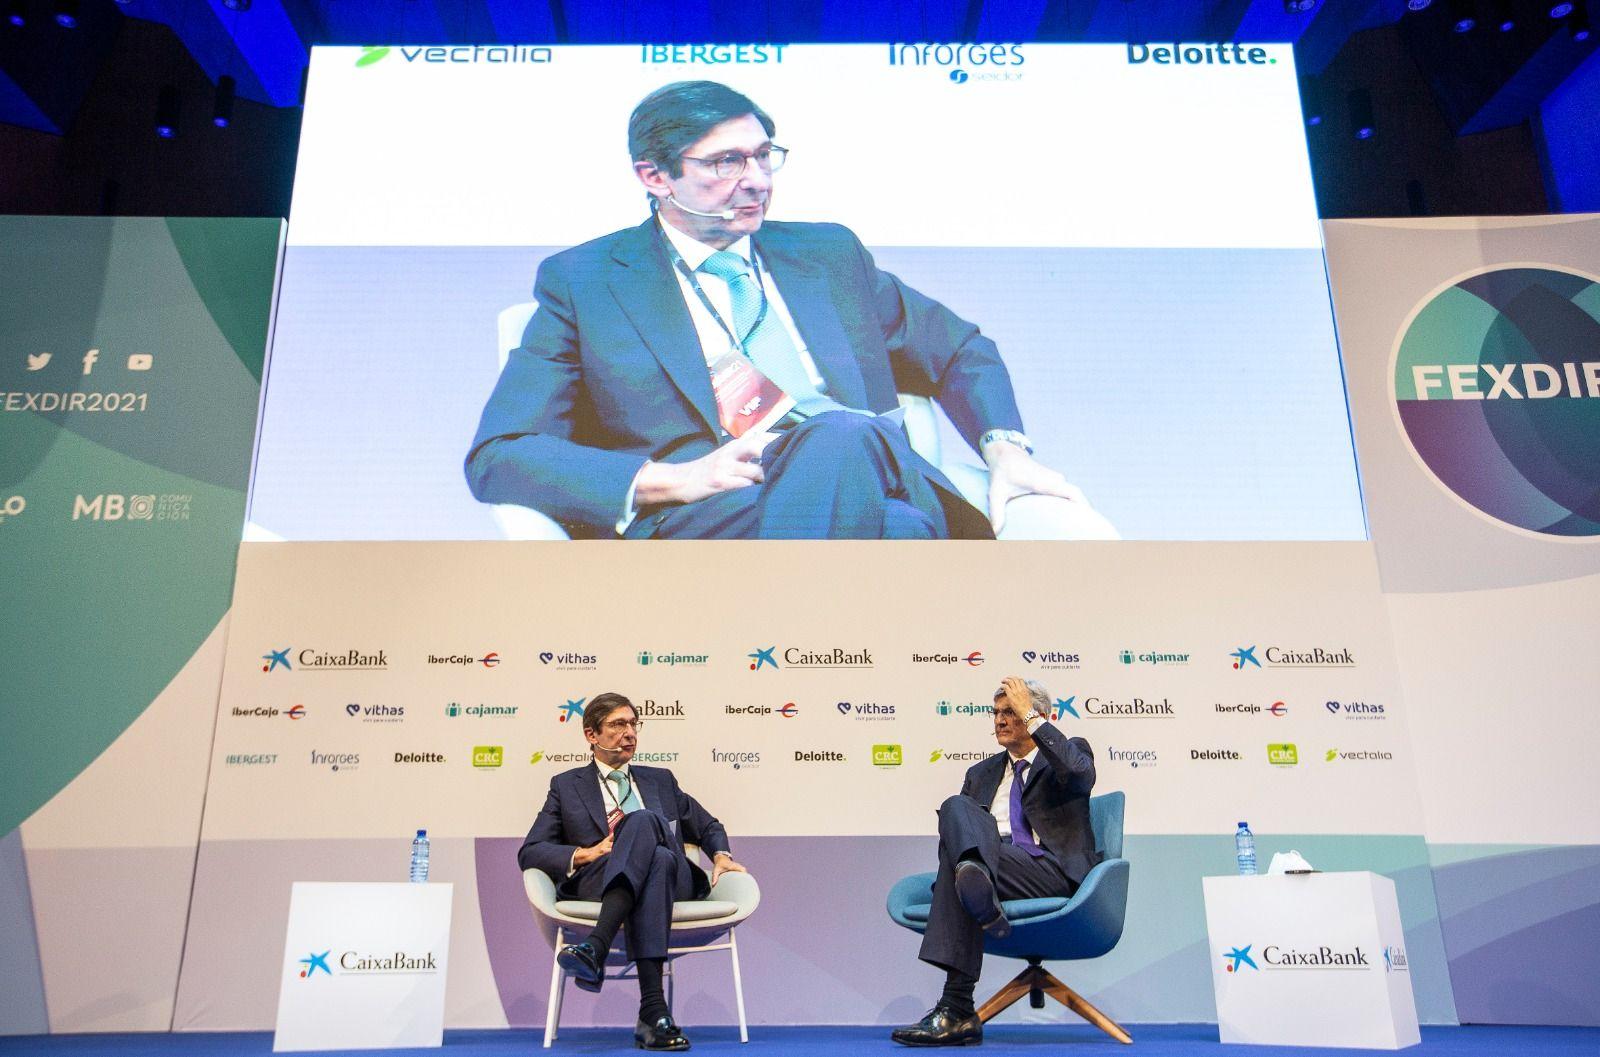 El presidente de CaixaBank, José Ignacio Goirigolzarri, participa en el III Foro Fexdir celebrado en Alicante